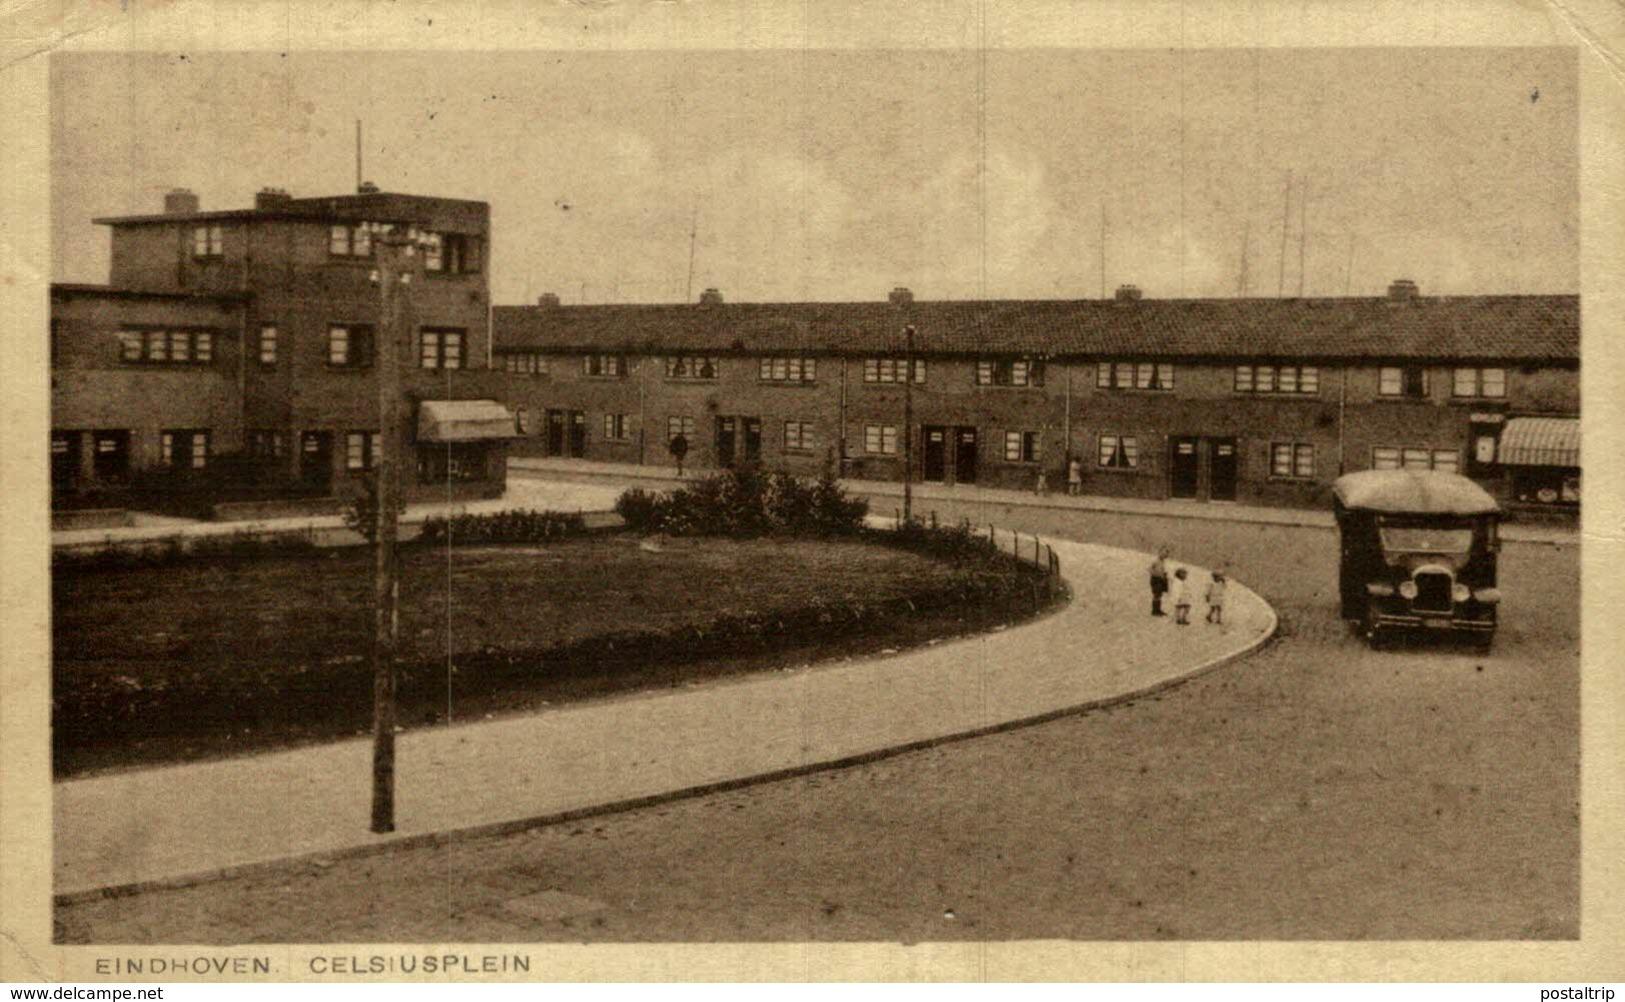 EINDHOVEN CELSIUSPLEIN - Eindhoven